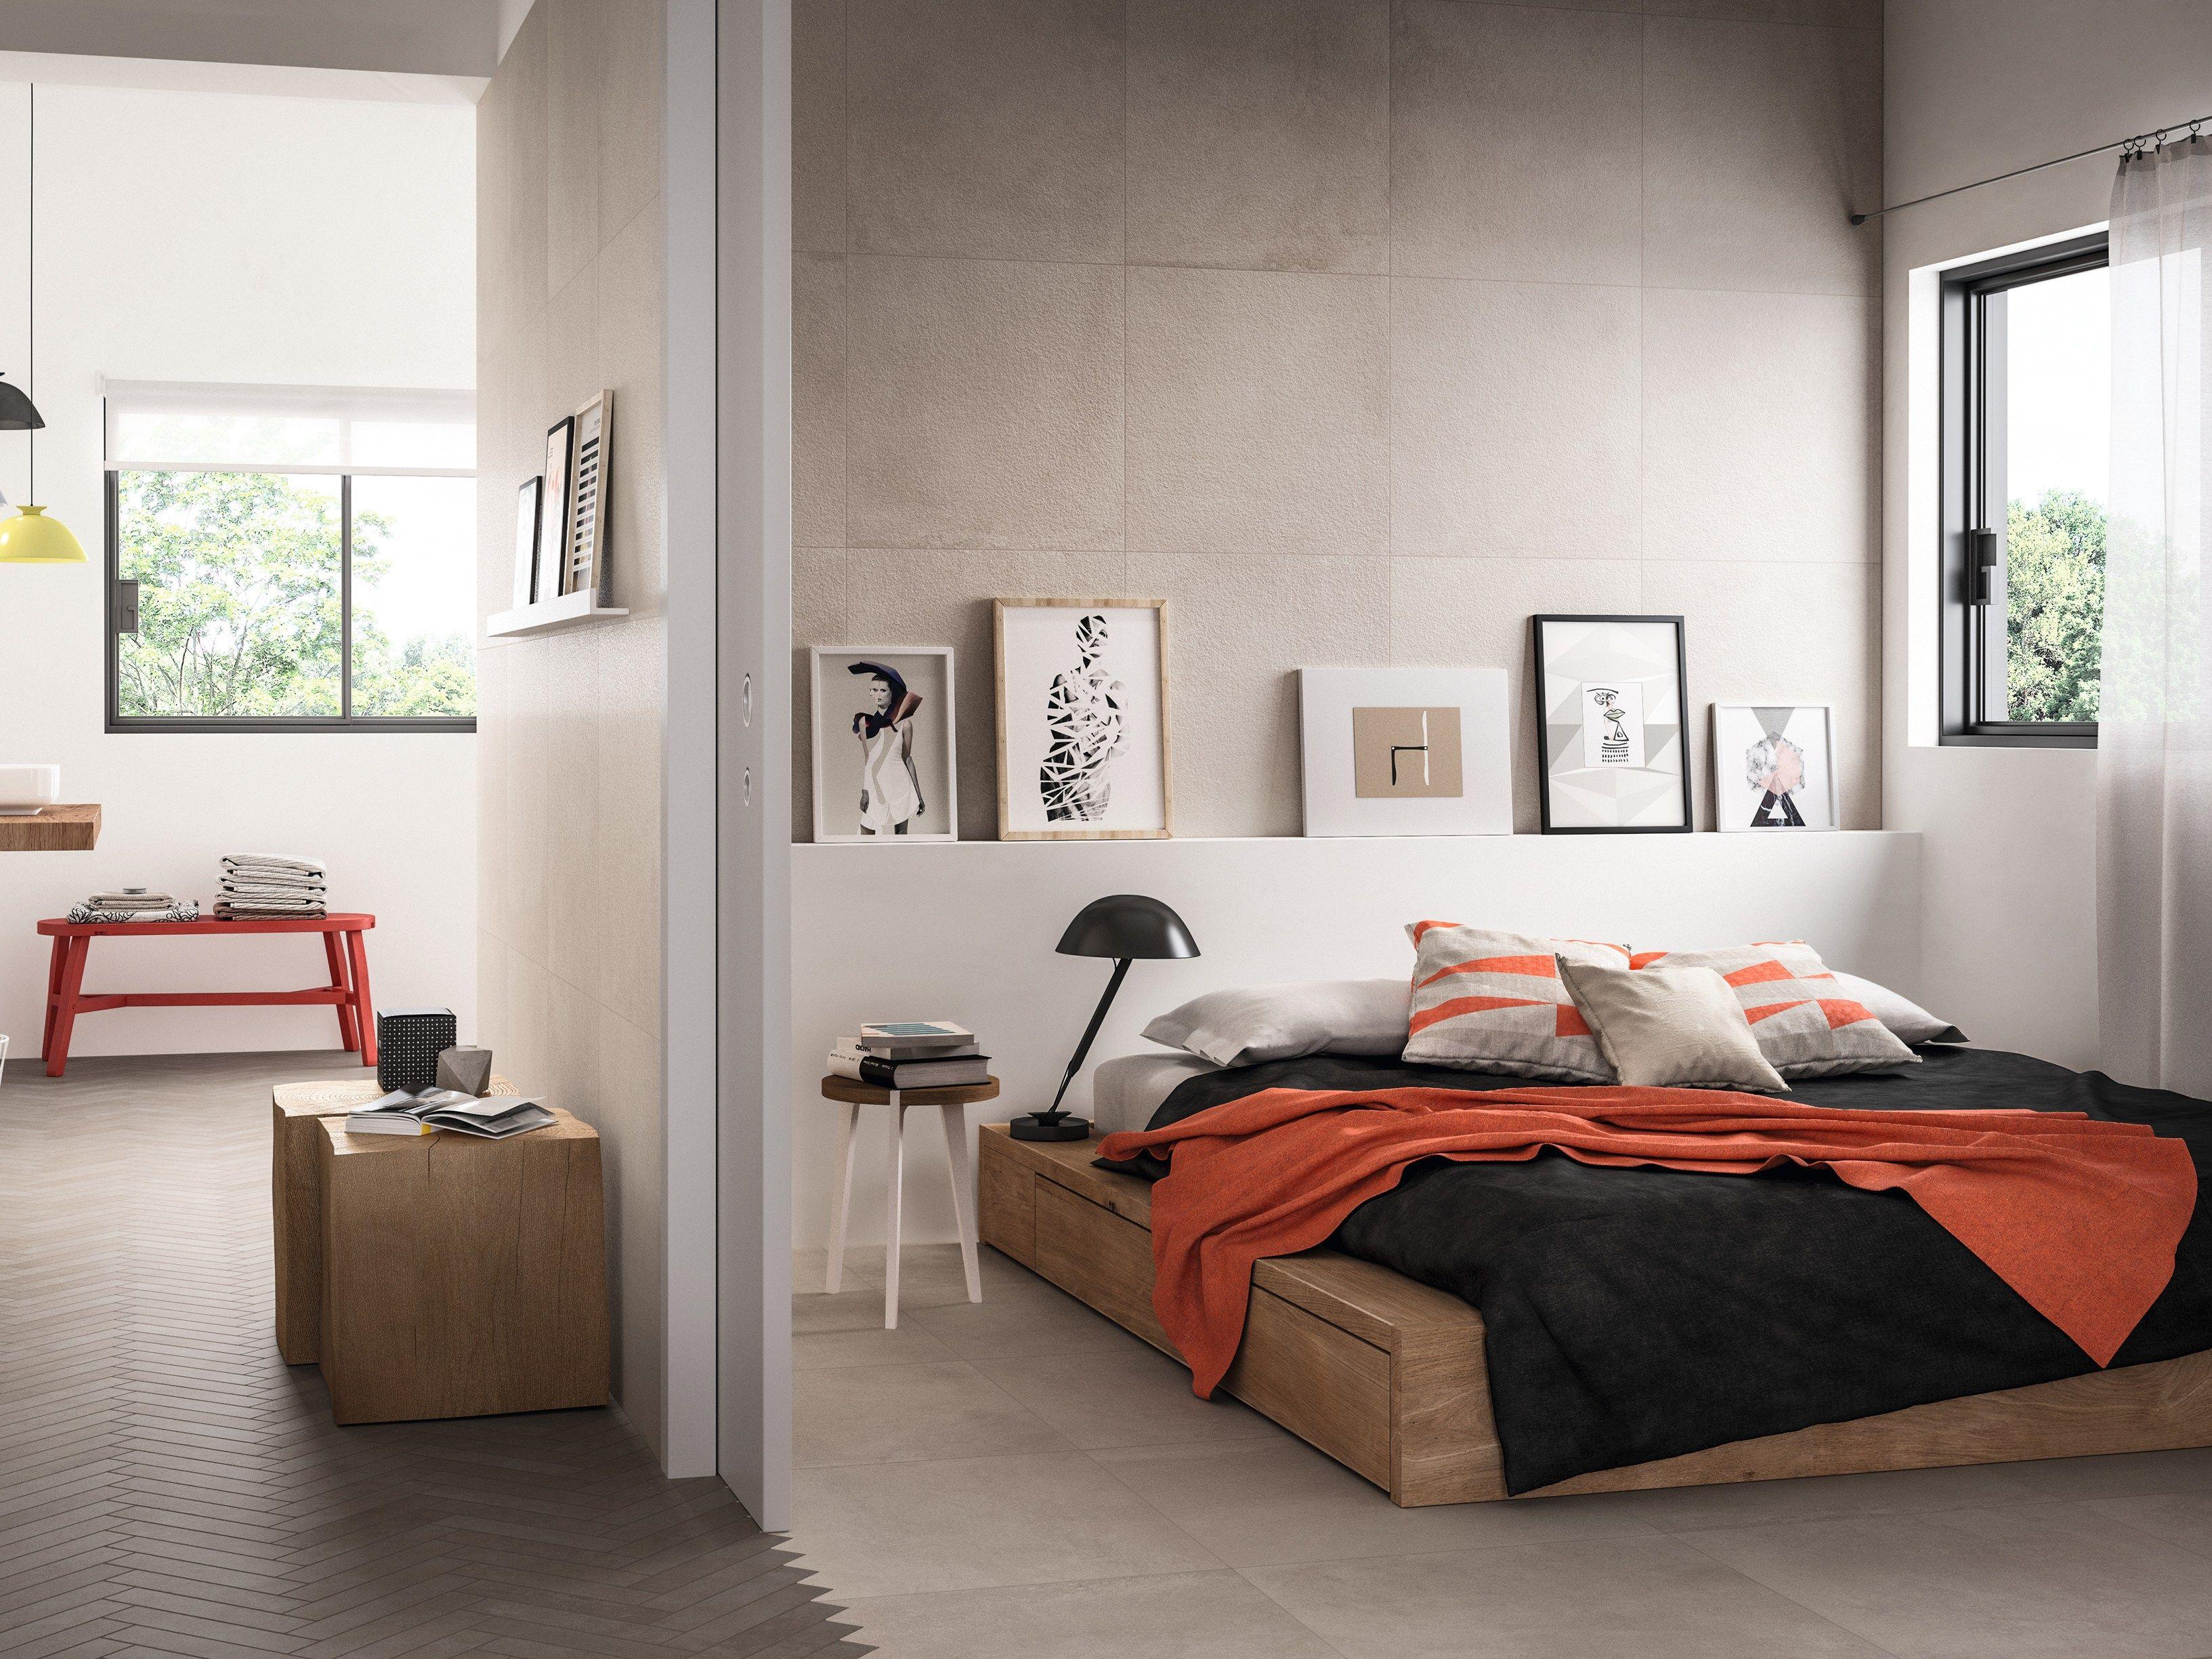 Pavimento rivestimento in gres porcellanato per interni ed esterni boom by ragno - Piastrelle ragno prezzi ...